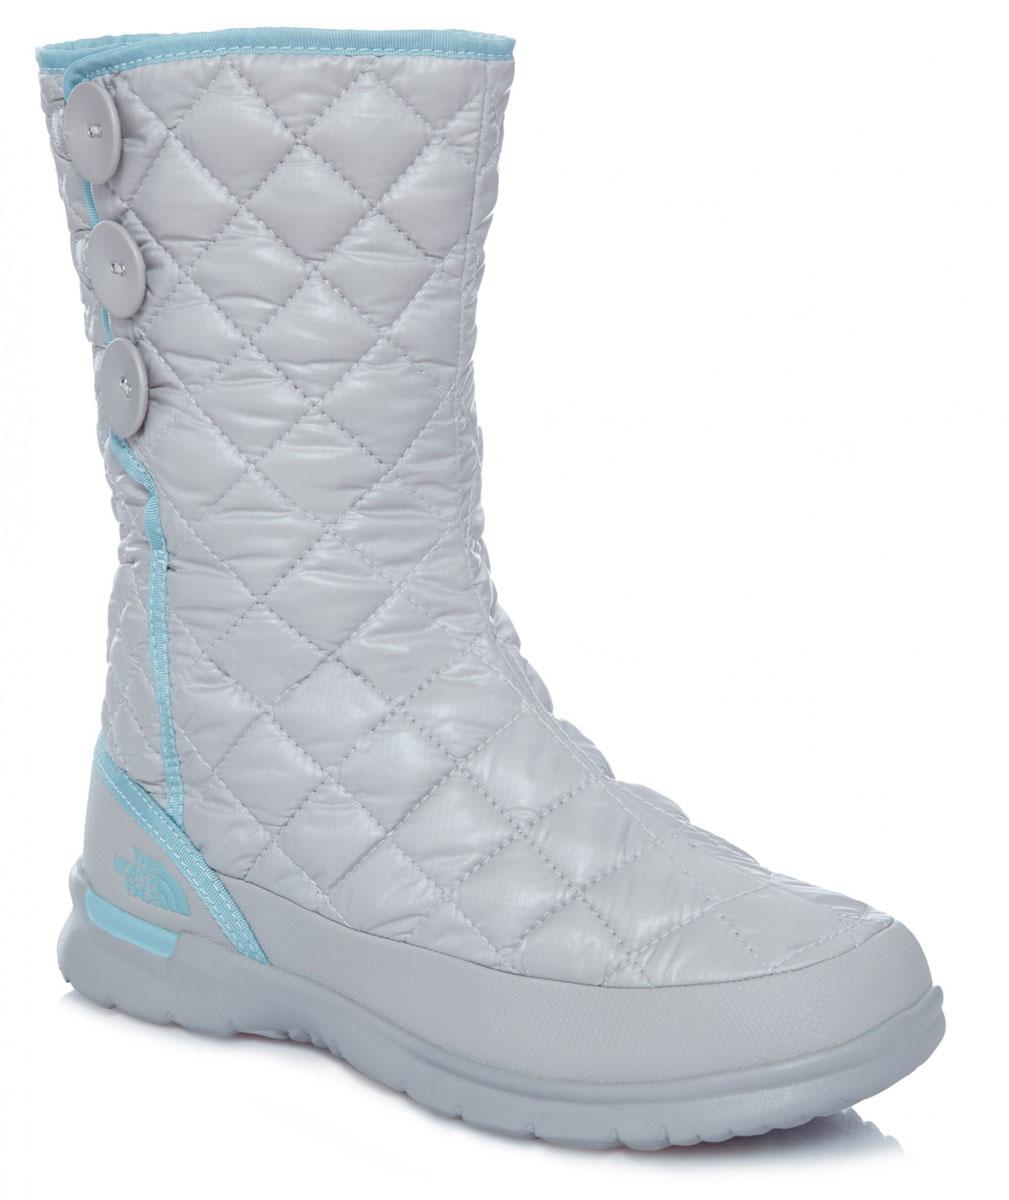 T92T5KNLTЛегкие и удобные стильные сапоги на пуговицах с регулируемым подгибом обеспечивают комфорт и великолепный внешний вид. Утеплитель Thermoball™ сохраняет тепло ног на снежной тропе, а благодаря протекторам IcePick® вы никогда не поскользнетесь на обратном пути к лагерю. Стелька OrthoLite® ReBound и регулируемая посадка с флисовой подкладкой обеспечивают максимальный комфорт.